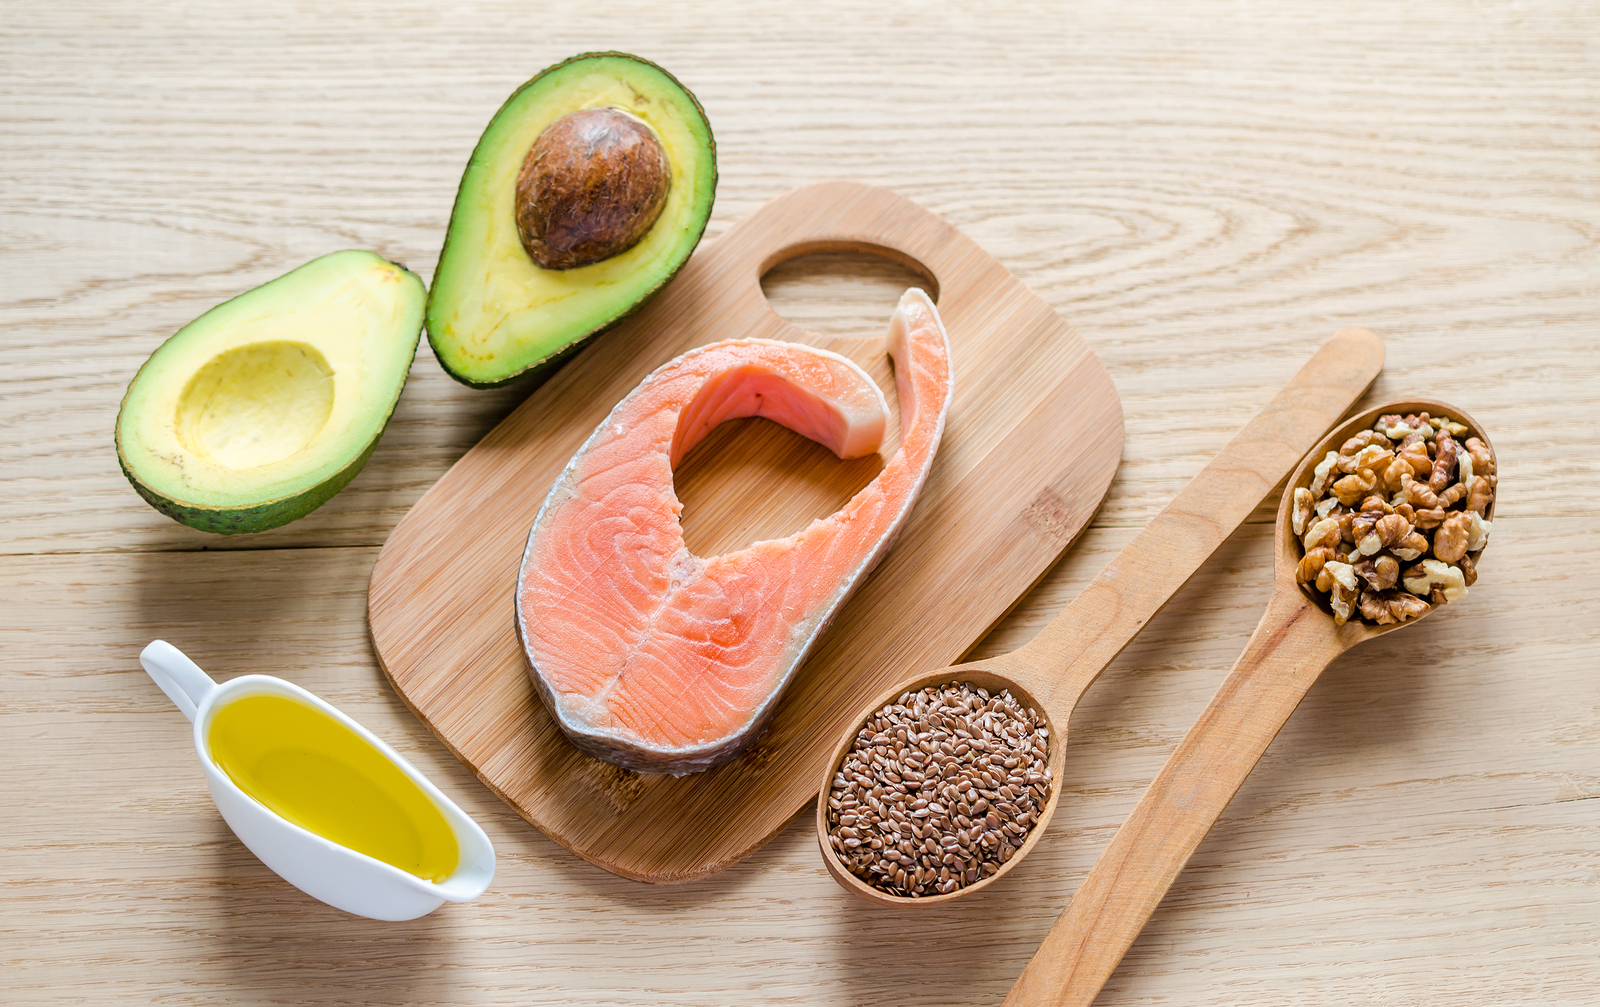 Tại sao bạn cần ăn chất béo để giảm béo?